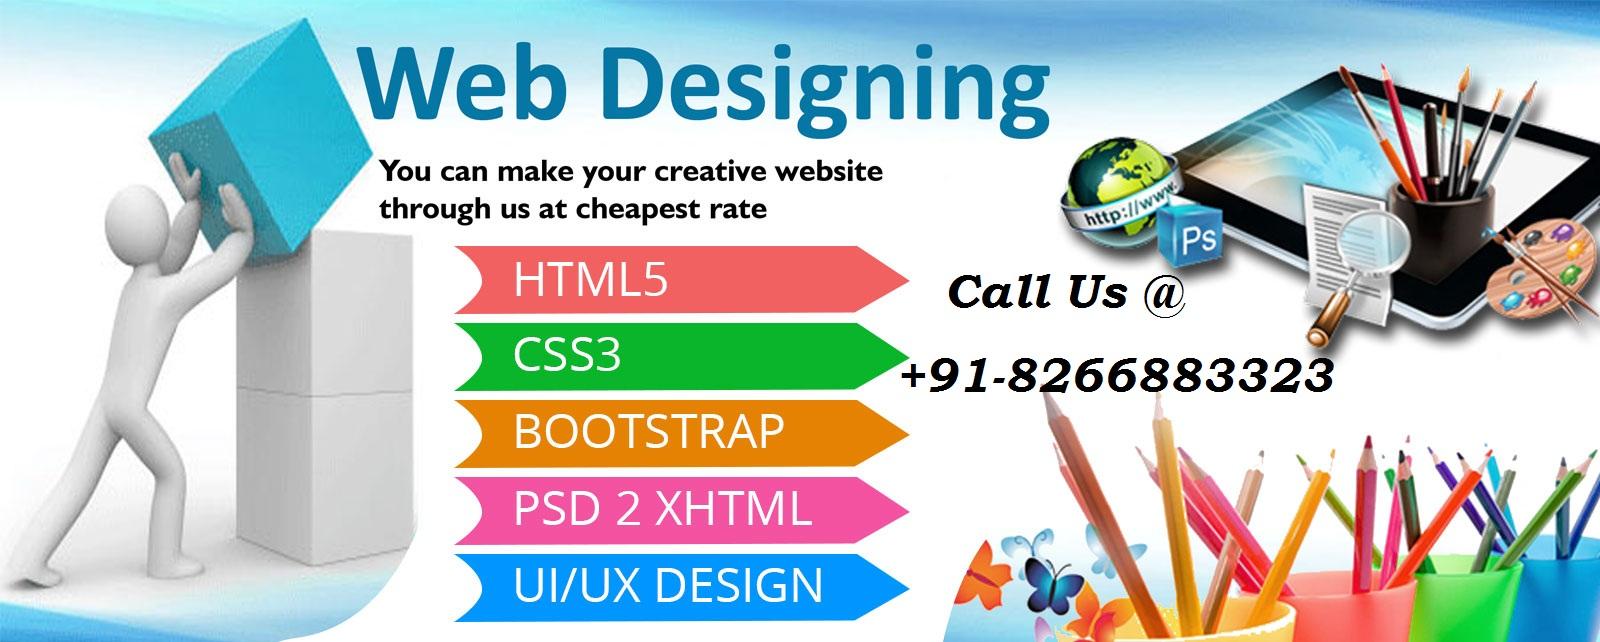 Web Designing in Meerut